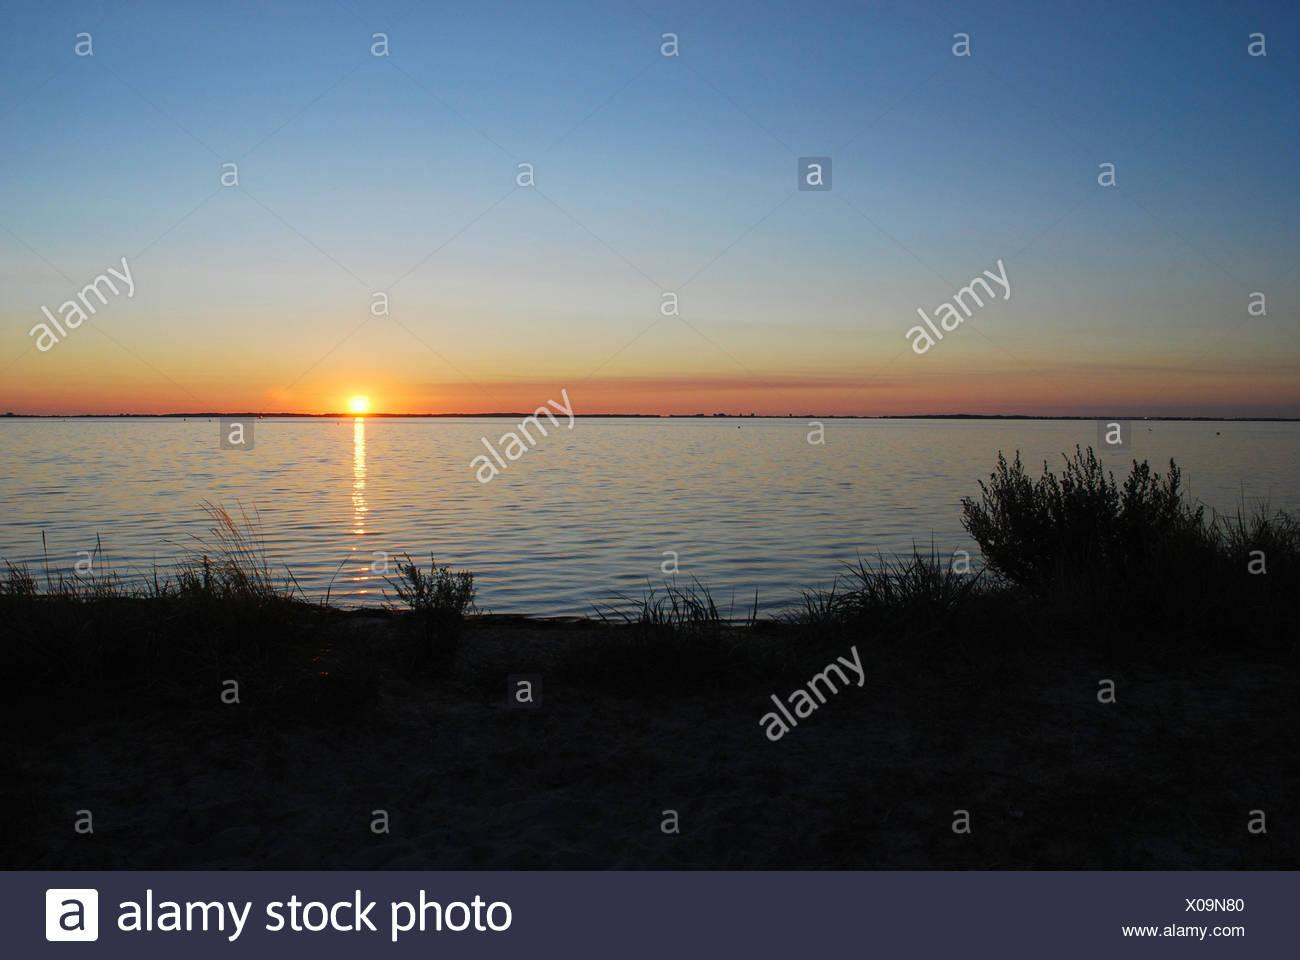 Die Ostsee, Sonnenuntergang, Norddeutschland, Deutschland, Ostsee, Meer, See, Wasser, Sonne, Überlegung, Abend, Himmel, blau, Nachleuchten, Abend tuning, Landschaft, Natur, Romantik, Idylle, grass, niemand, Horizont, Stockbild